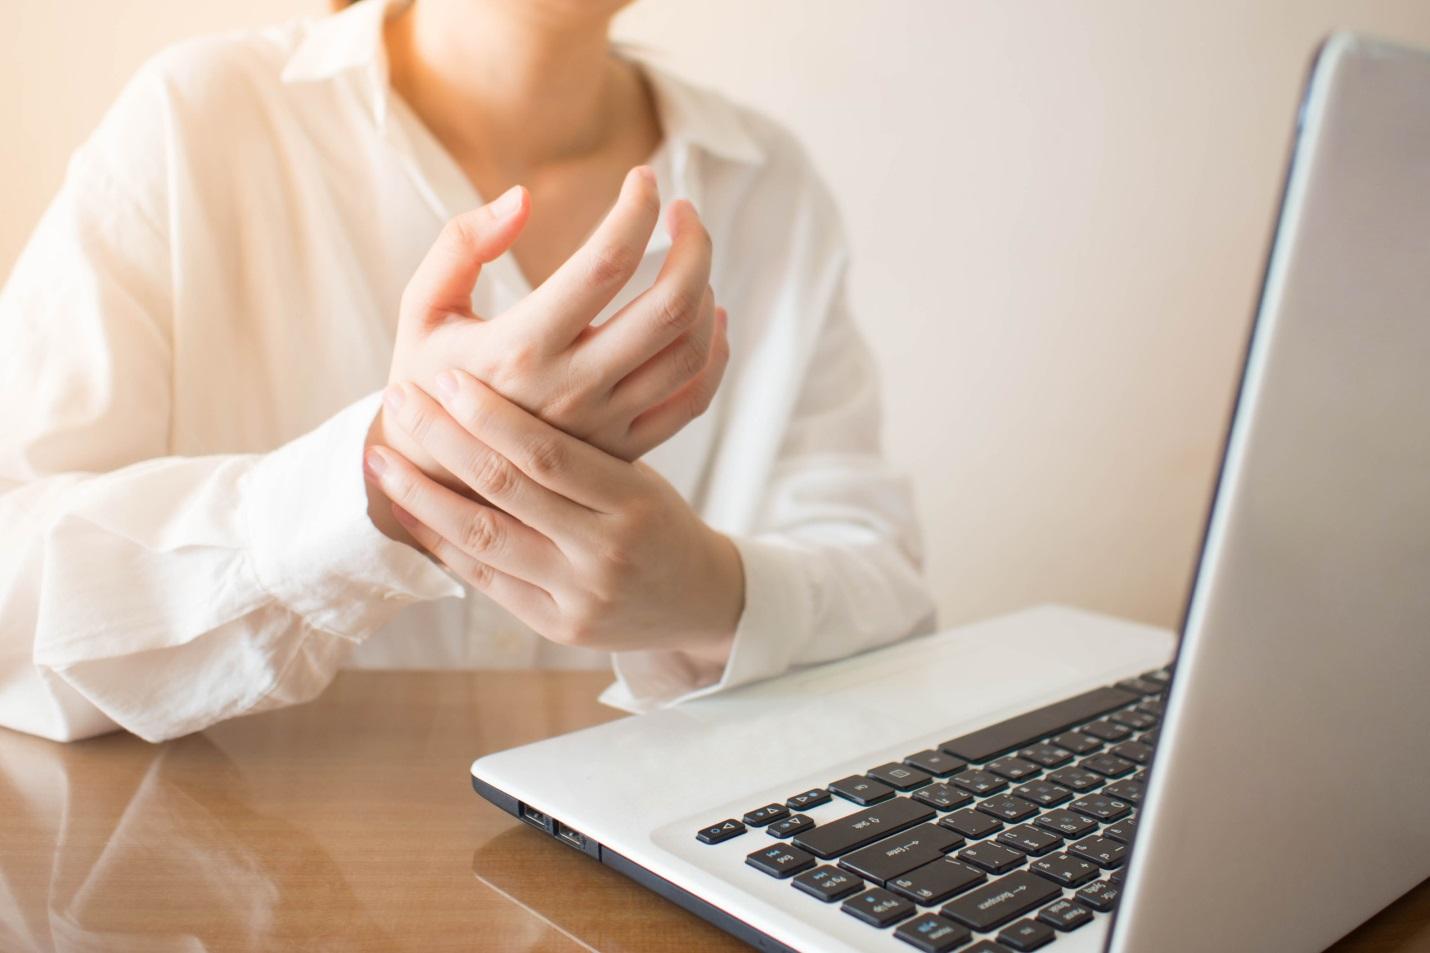 Pegal Linu Tangan dan Kaki Melanda Saat Bekerja di rumah? Beberapa Tips Ini Bantu Meredakannya